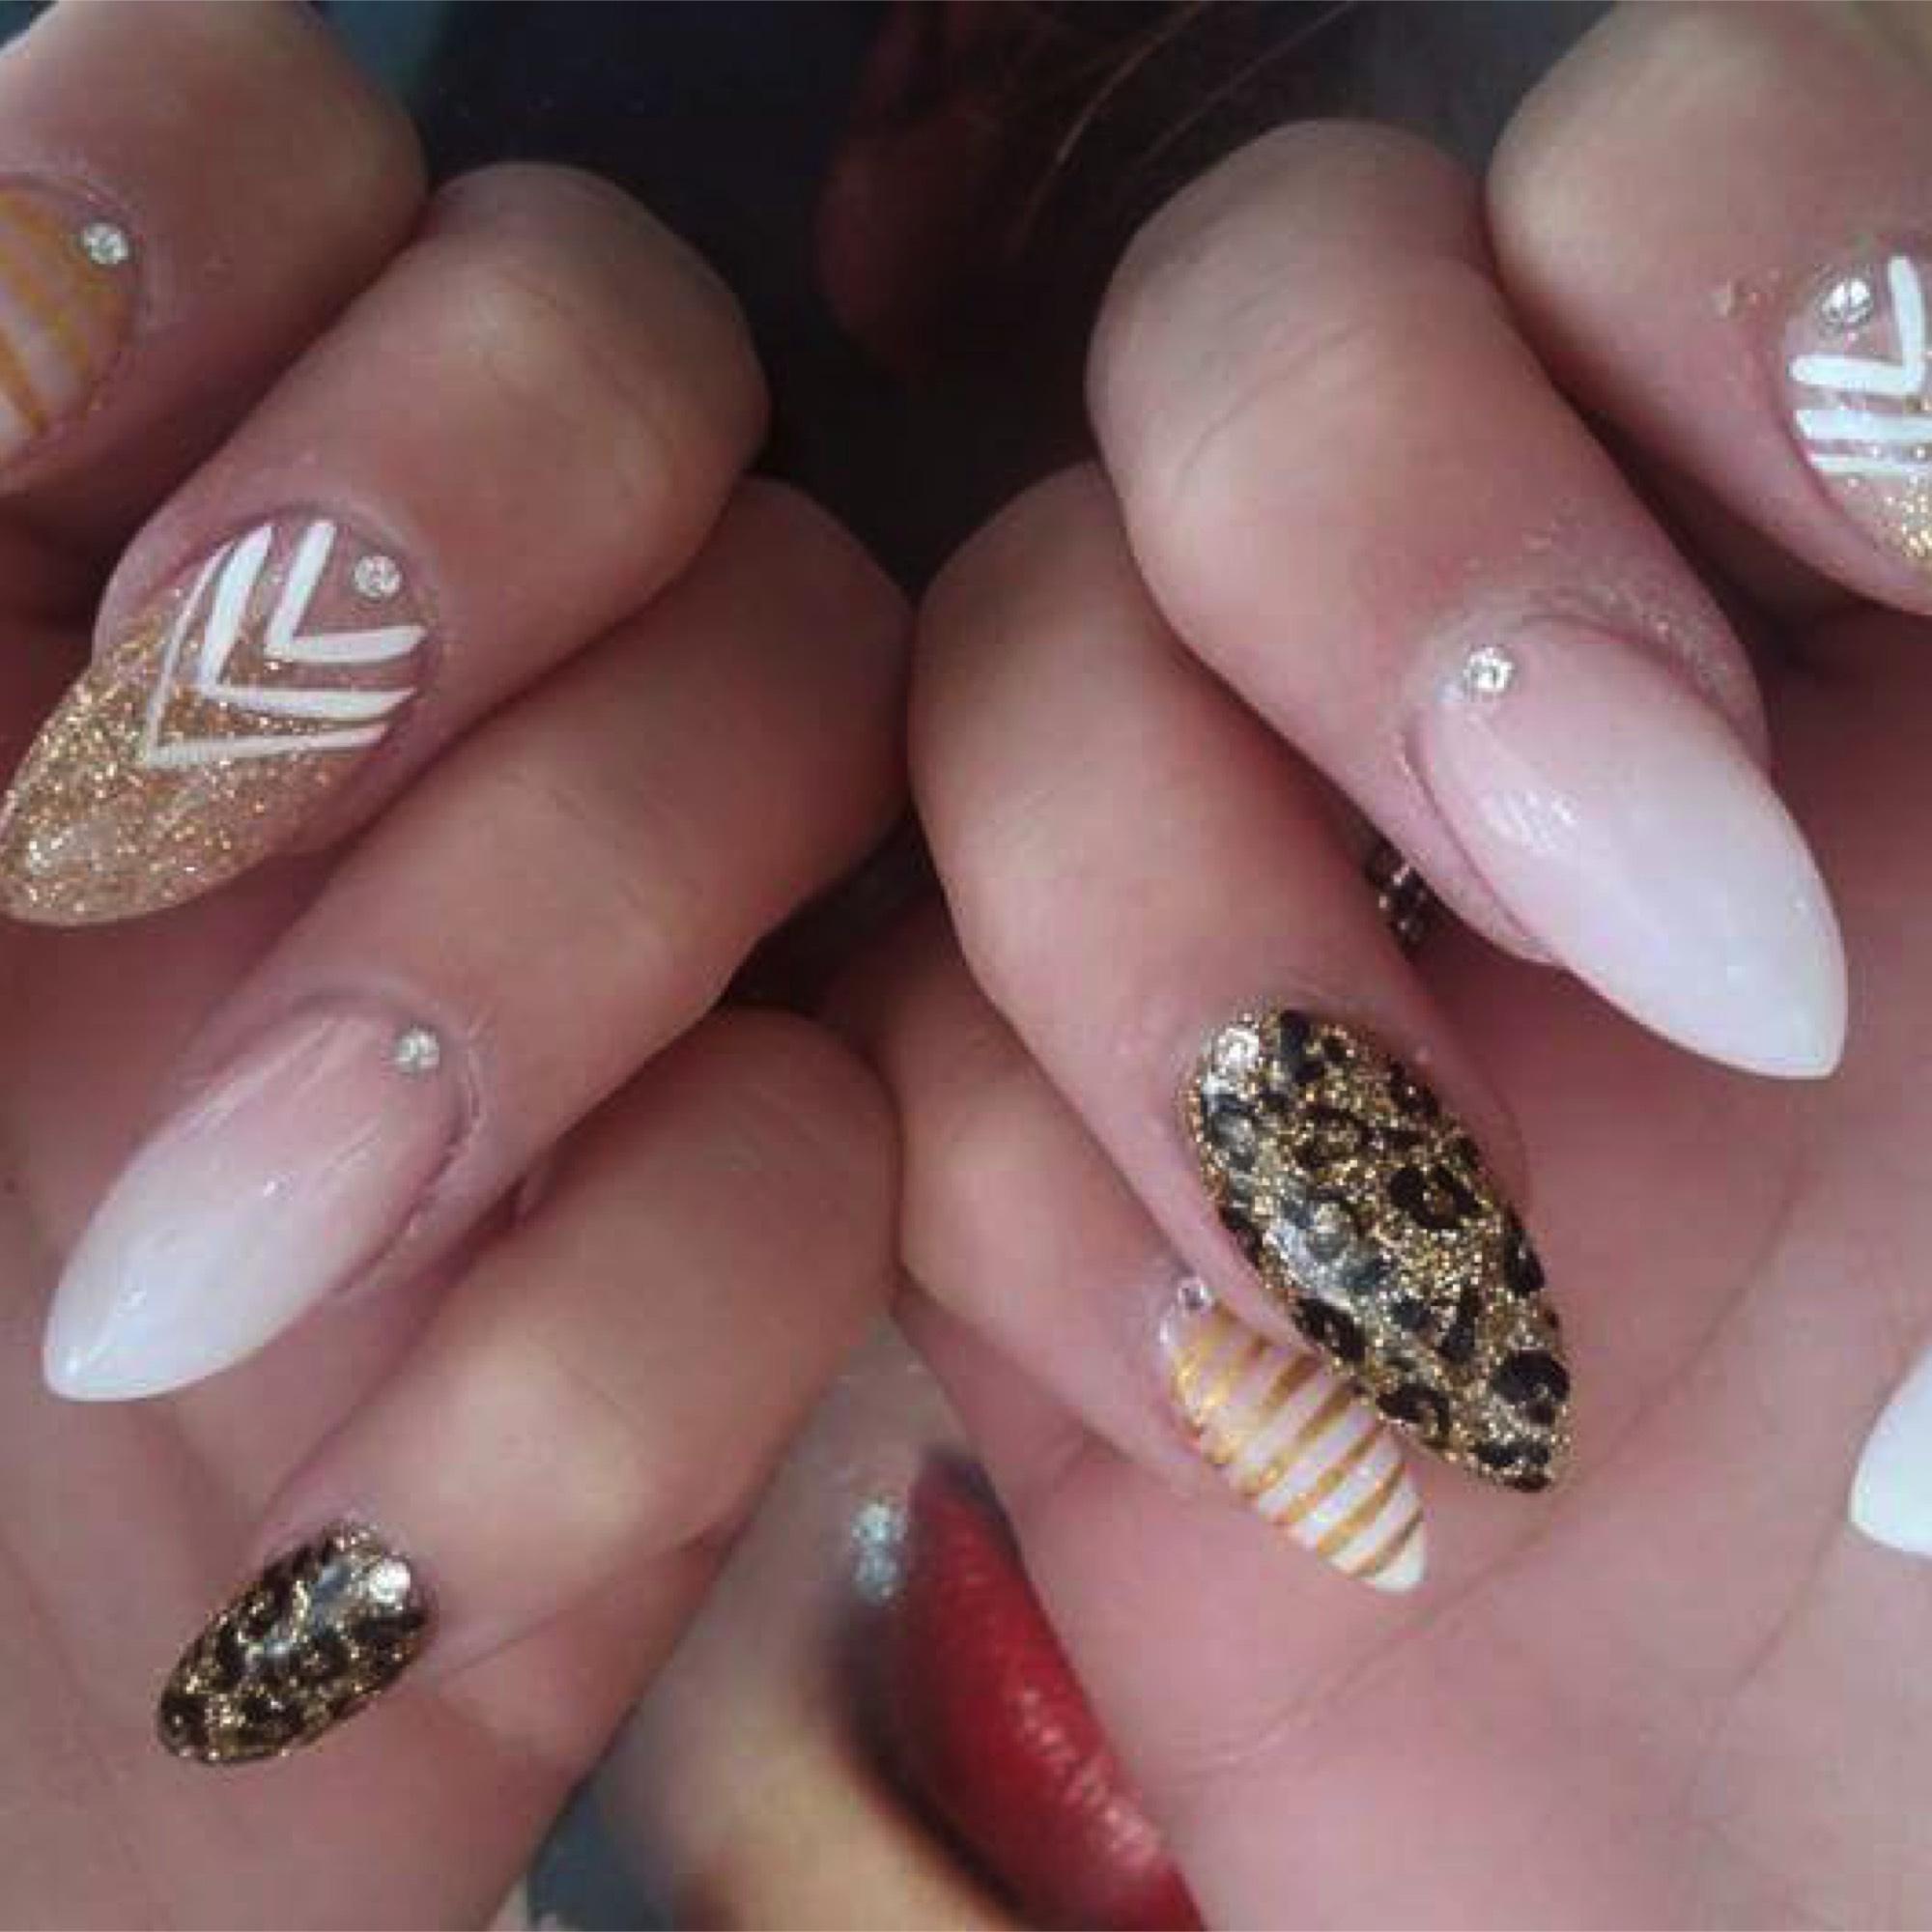 USA Nails - Nail Salon in York